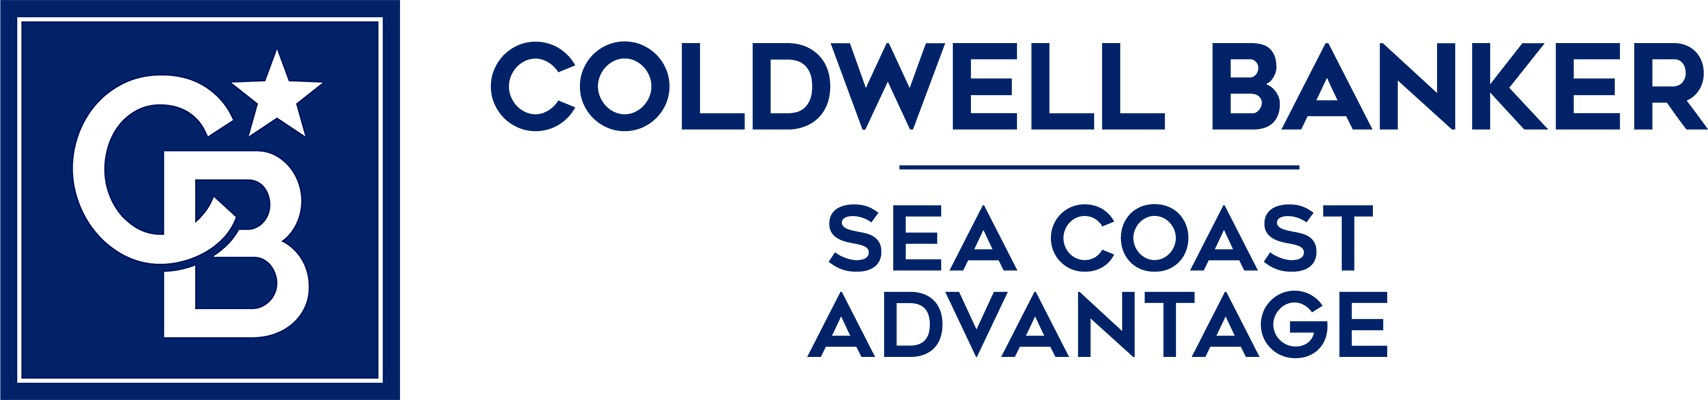 Jane Elmore - Coldwell Banker Sea Coast Advantage Realty Logo